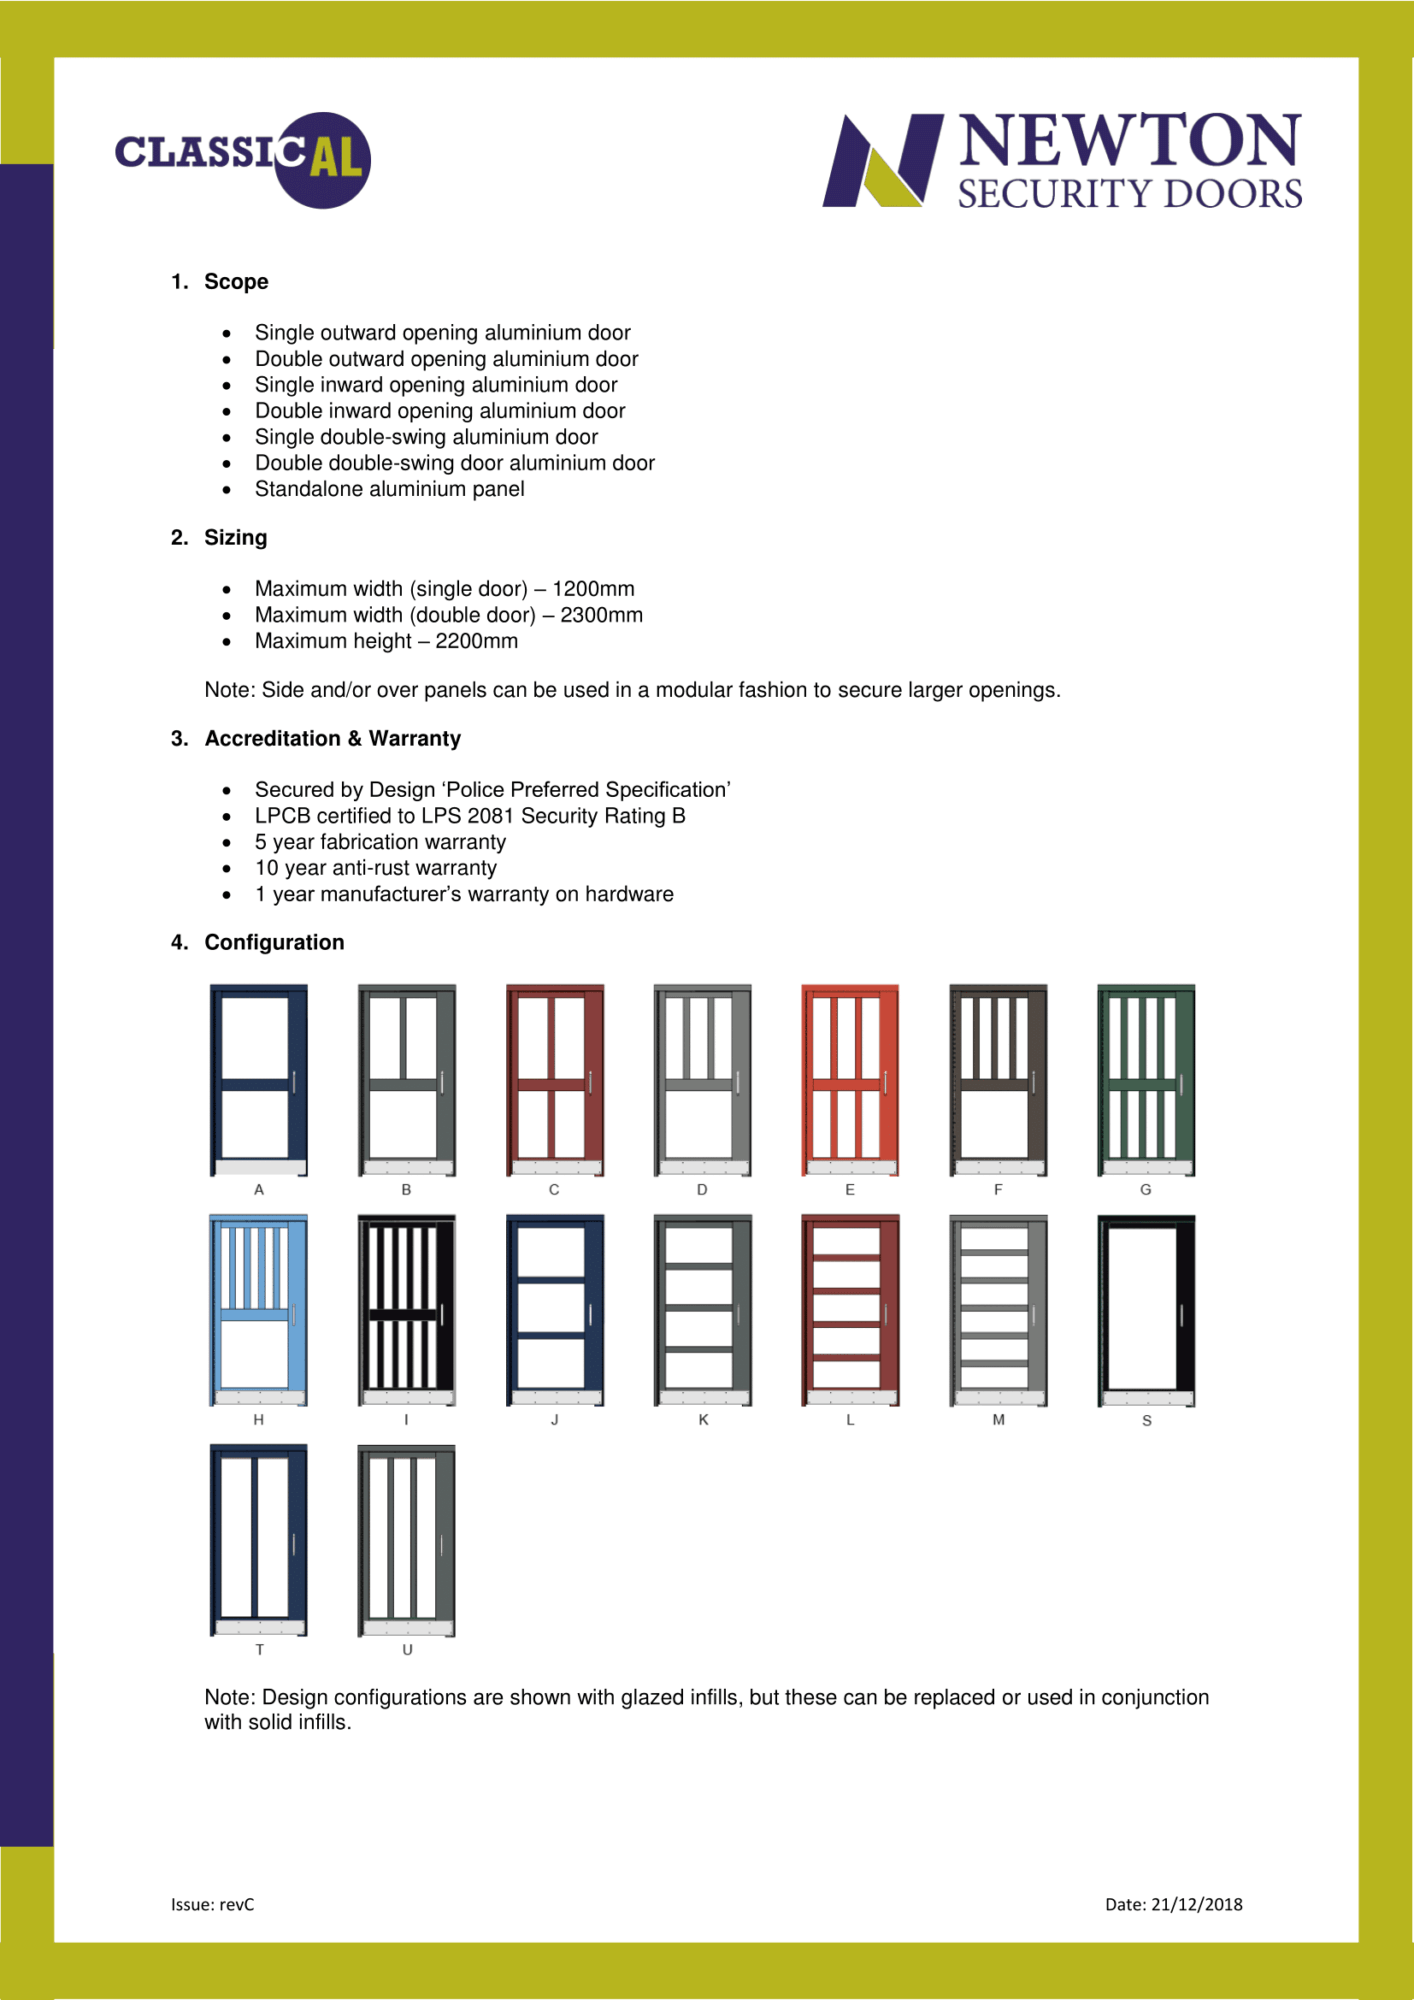 steel security doors, steel door manufacturer, steel fire doors